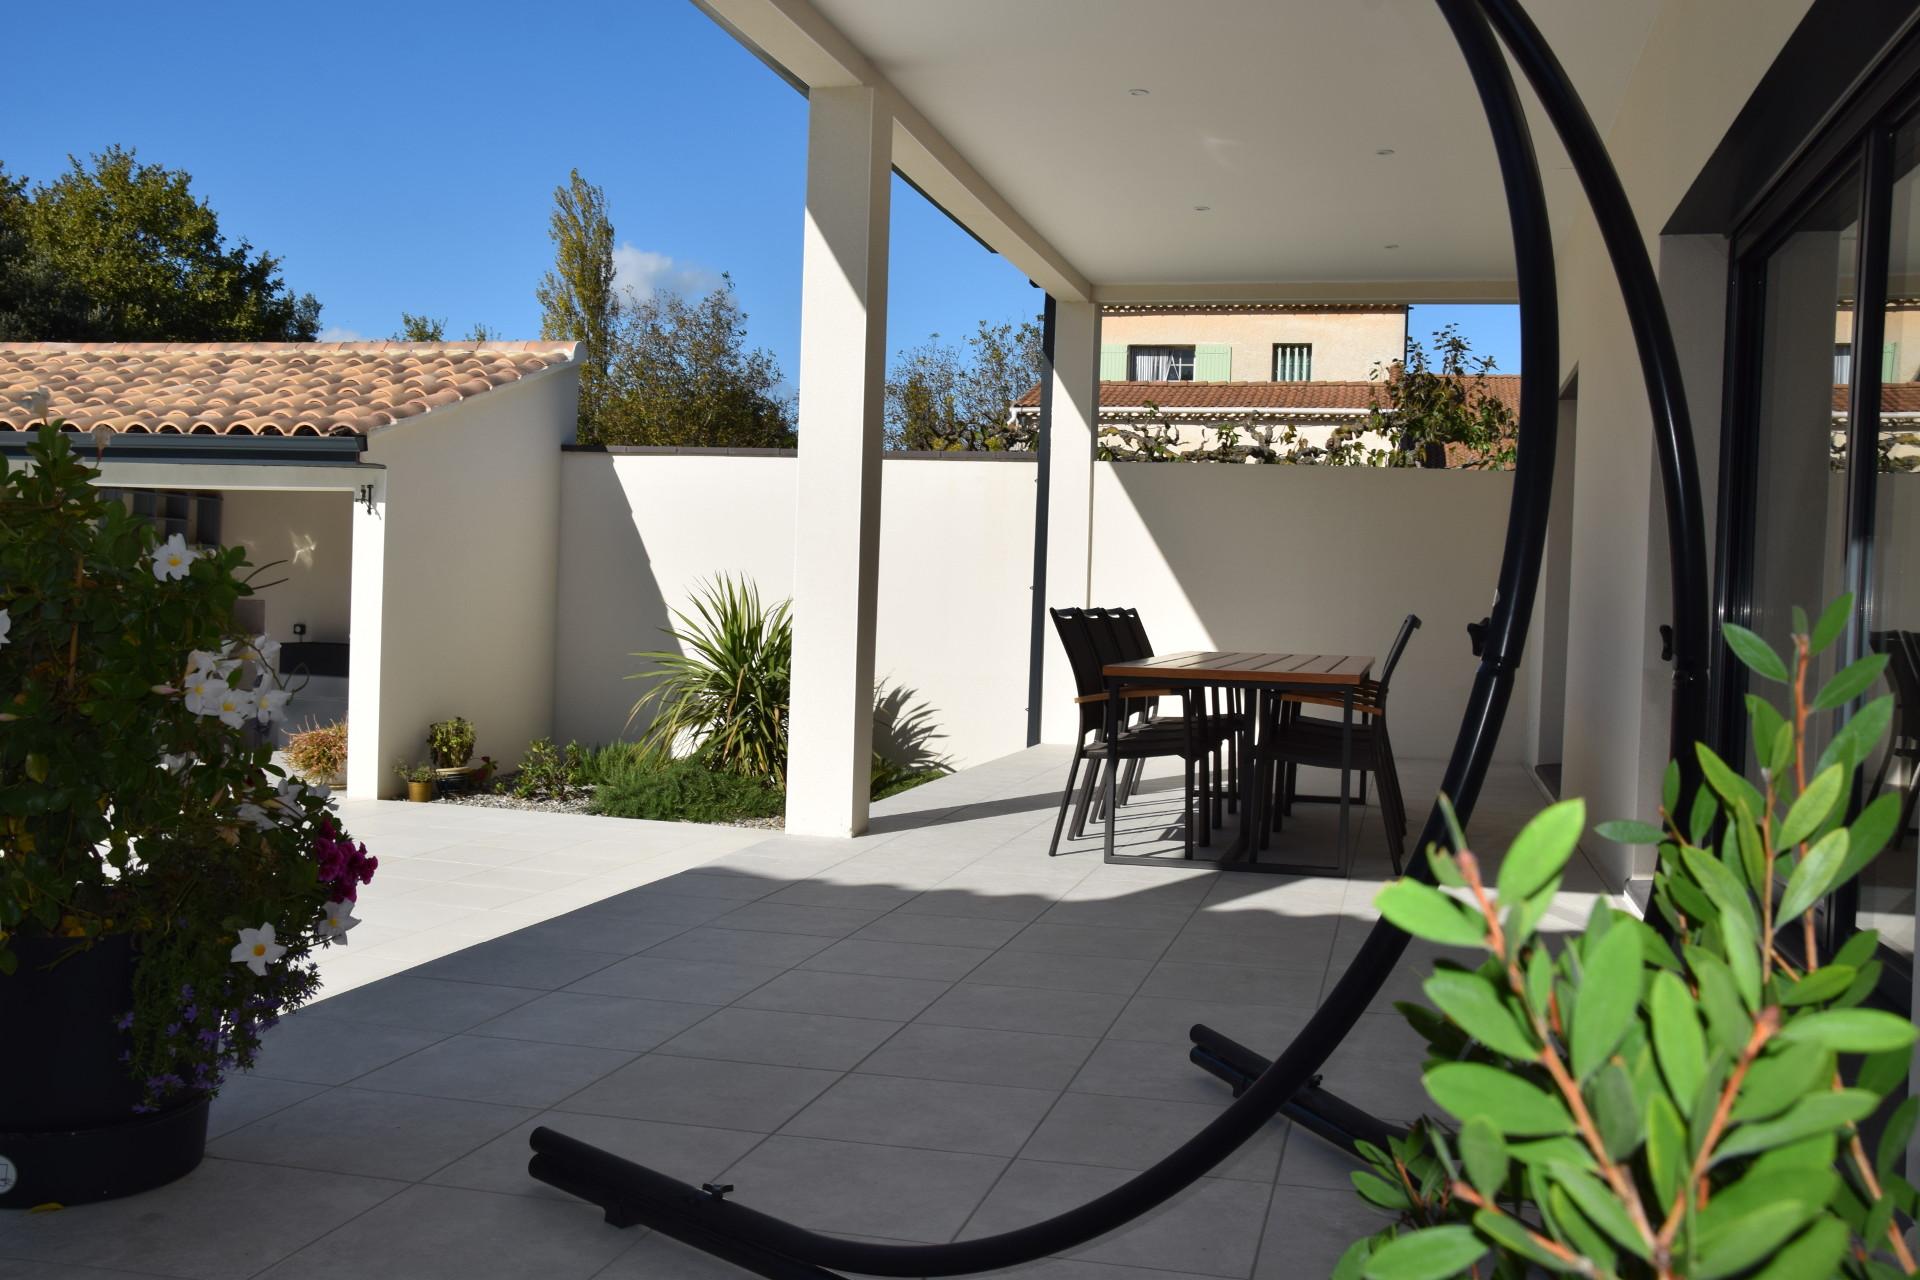 Terrasse piscine chambre d'hôte Isle sur la Sorgue Vaucluse